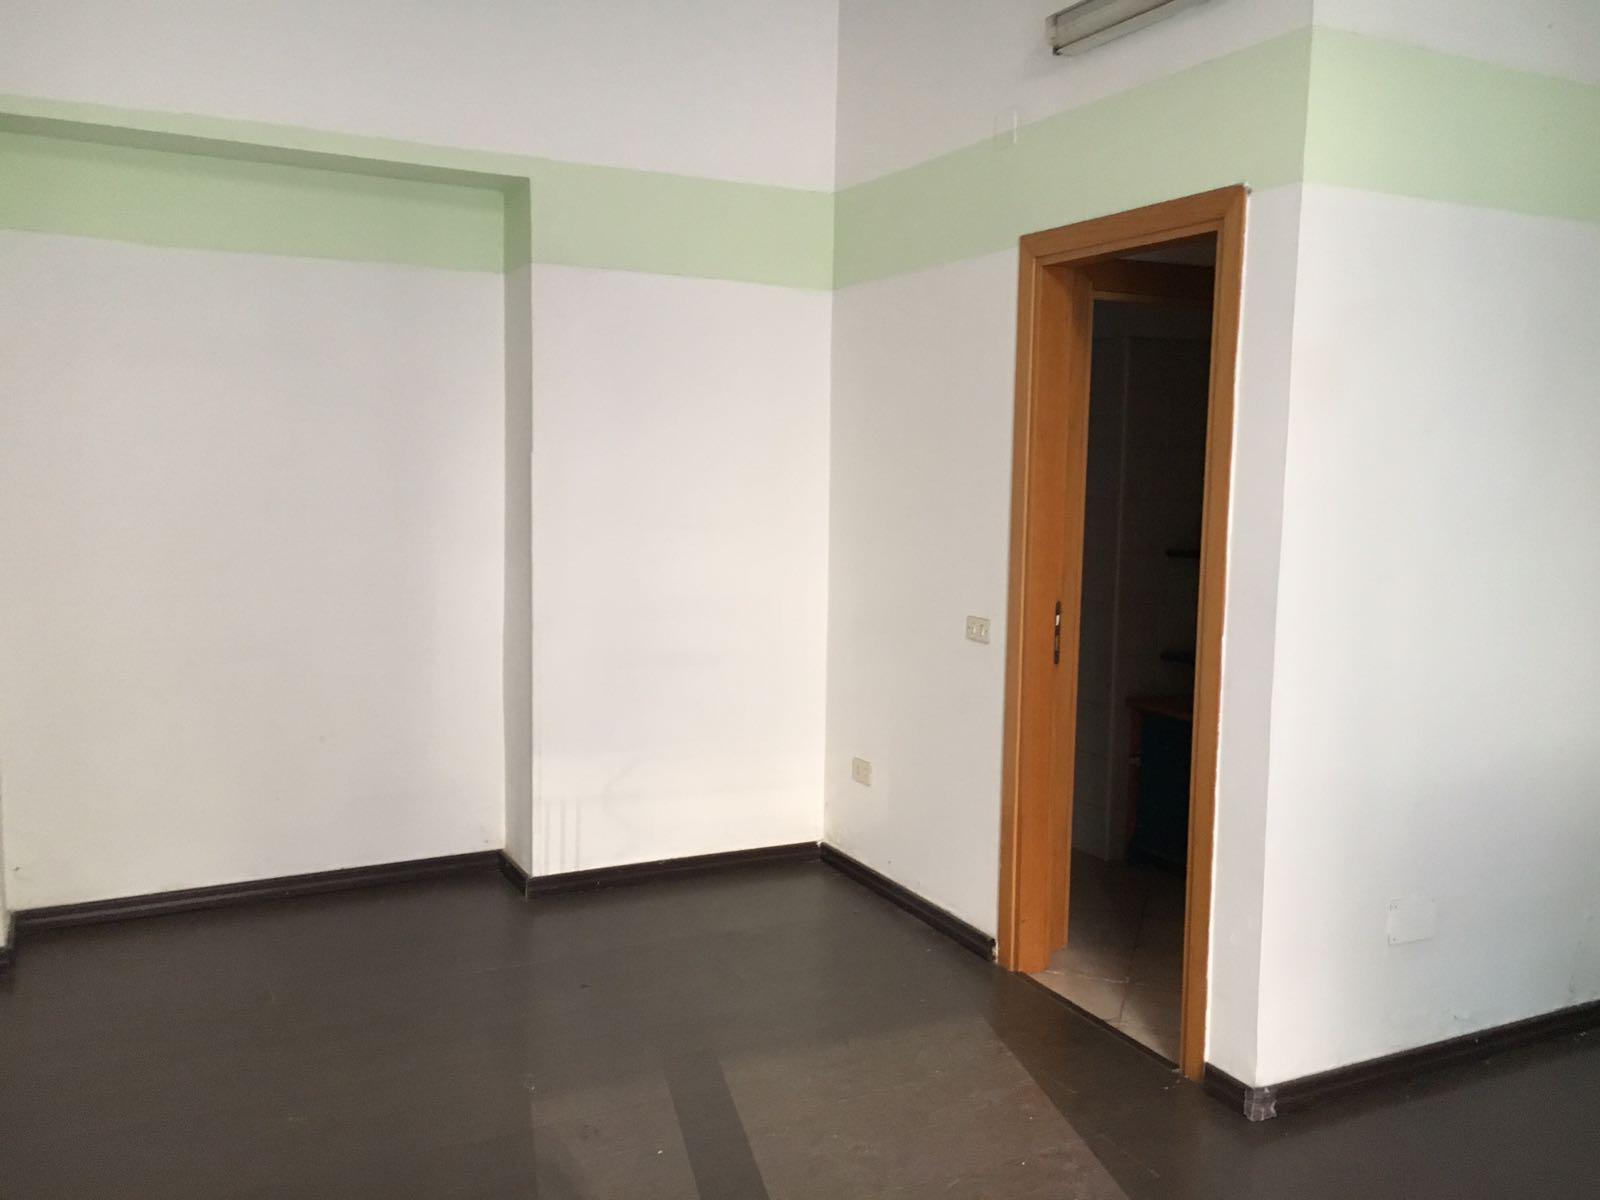 Negozio / Locale in affitto a Ottaviano, 9999 locali, prezzo € 330 | Cambio Casa.it